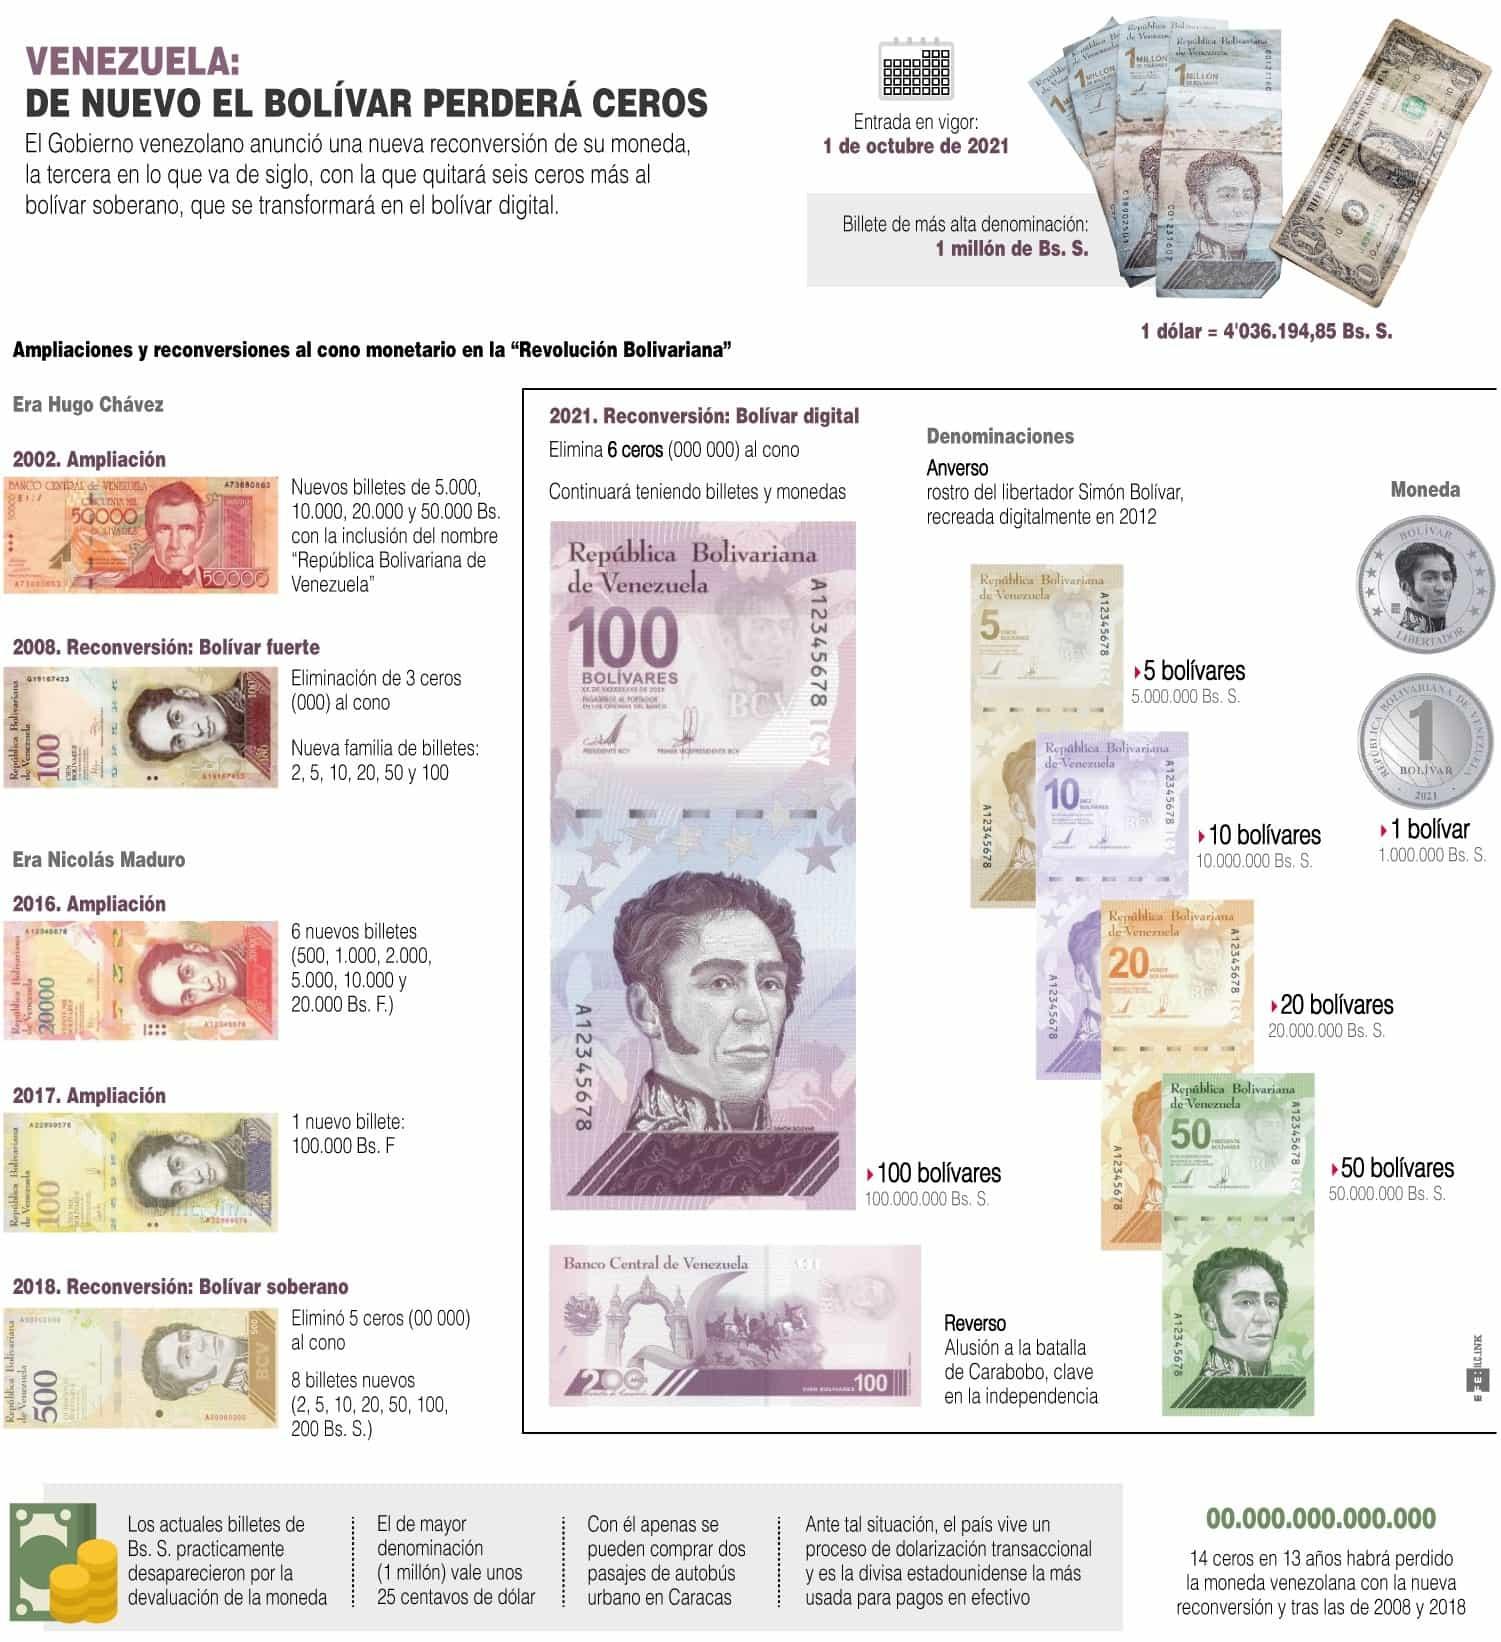 [Infografía] Venezuela elimina 6 ceros más a su moneda para salvar el bolívar 1